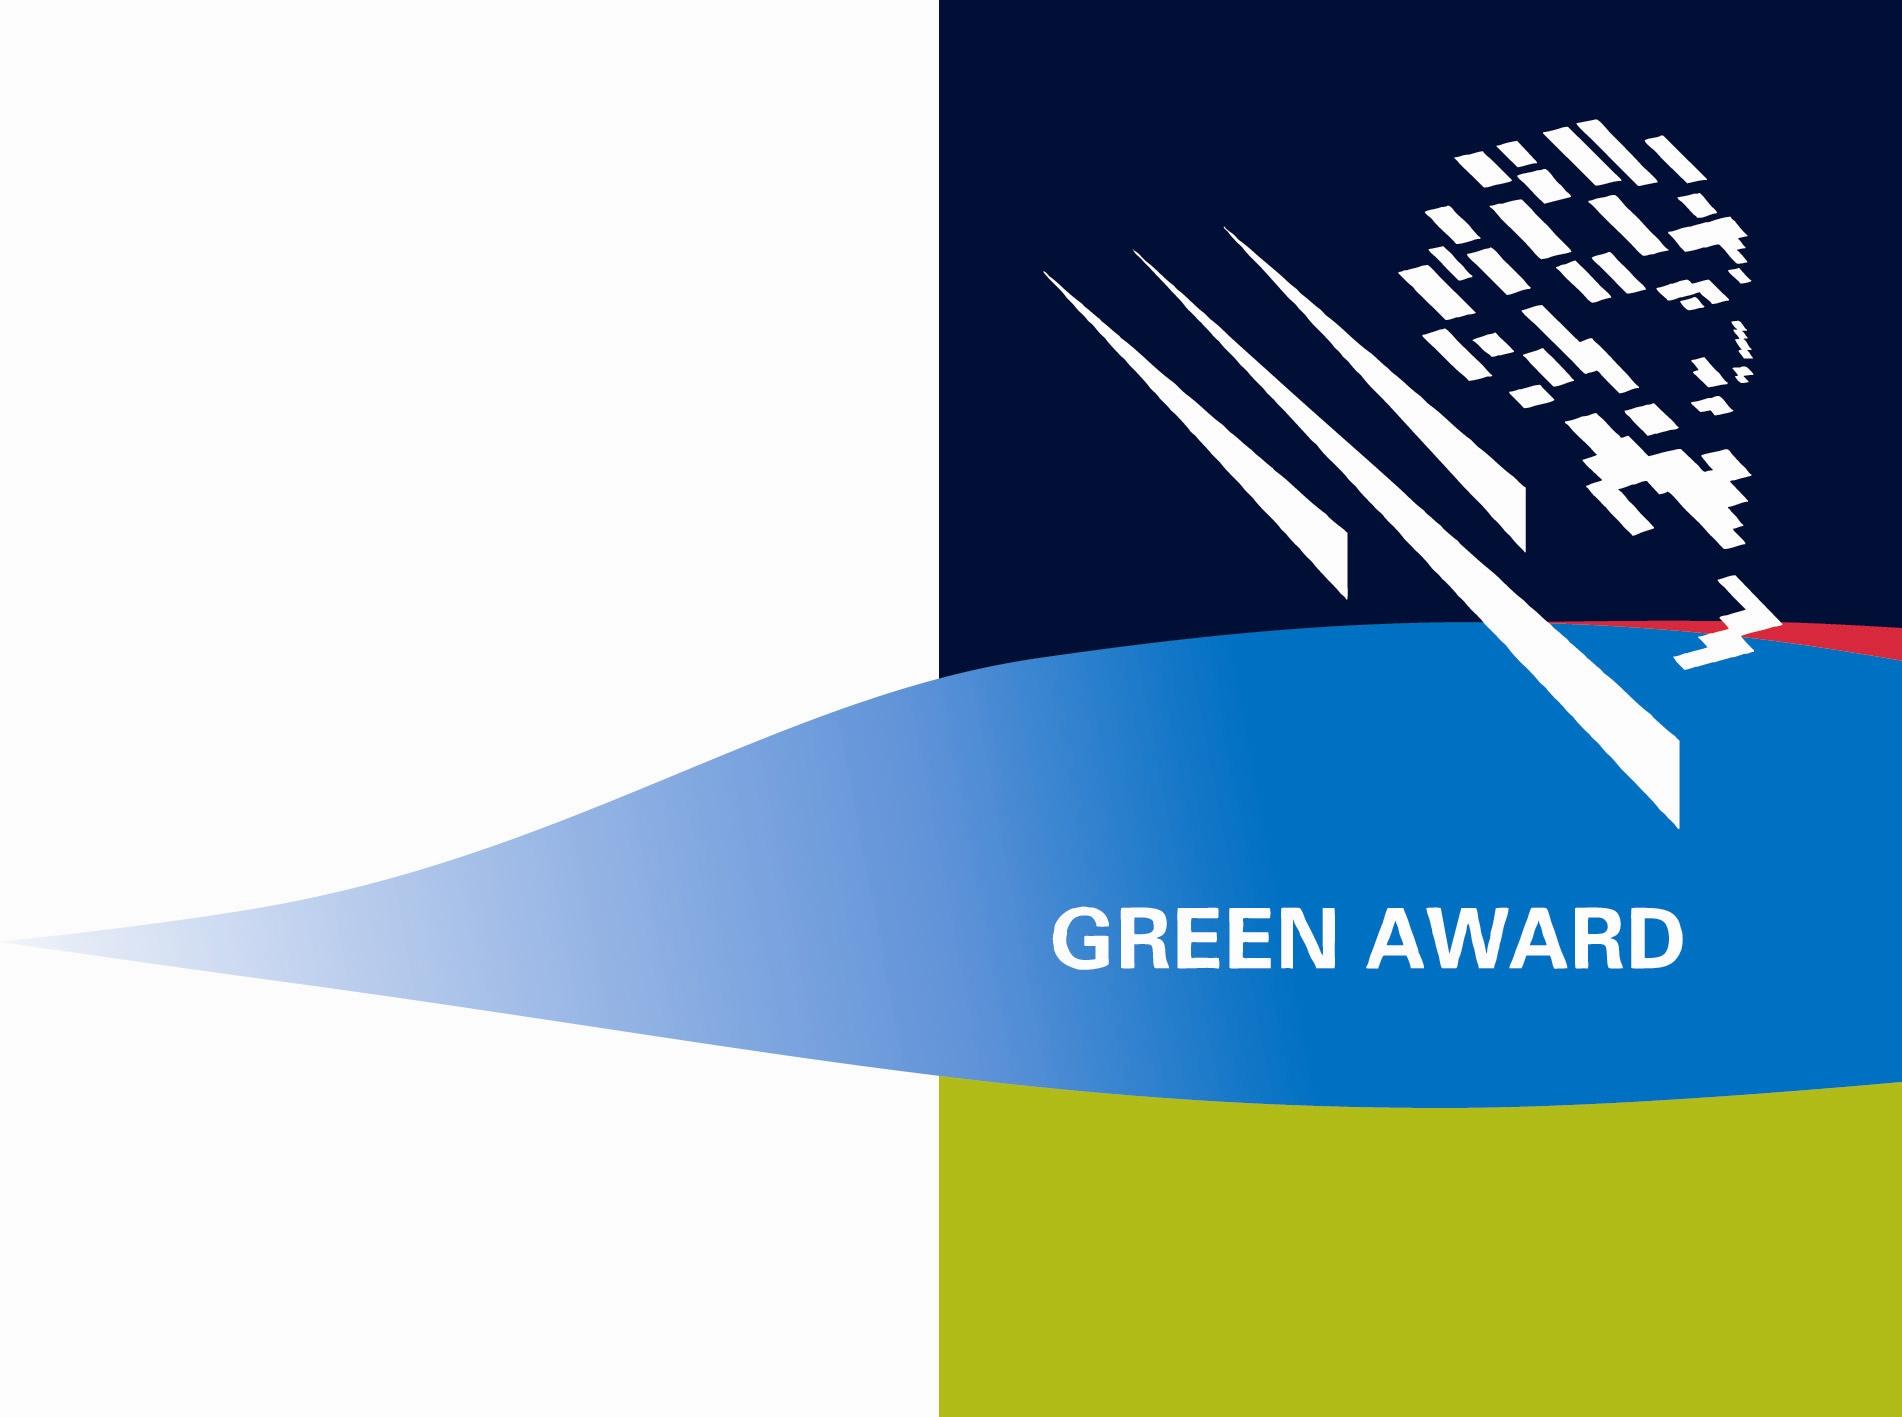 green award